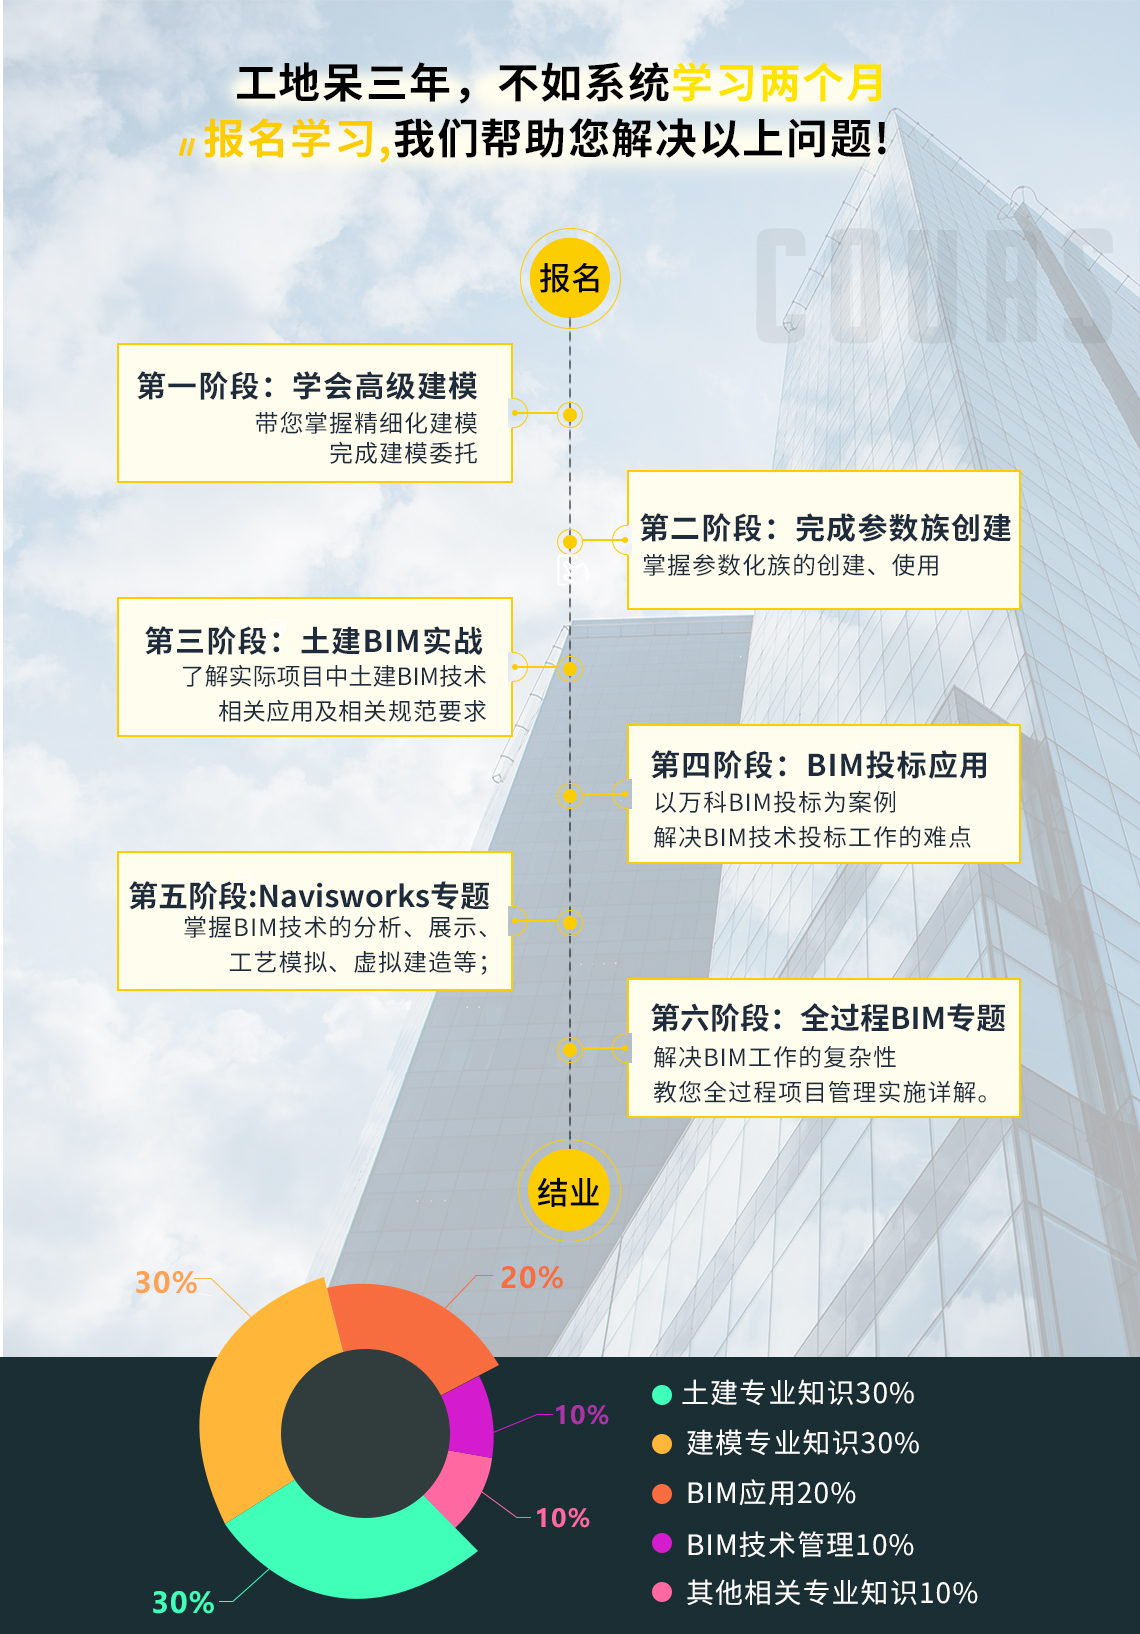 学习目录:1.高级建模(如何精细化完成建模委托)2.参数族创建(参数族创建、使用方法)3.土建BIM实战(实际项目中土建BIM技术的相关应用及规范要求讲解)4.BIM投标应用 5.navisworks专题(BIM技术分析、展示、工艺模拟、虚拟建造等) 6.BIM项目全过程管理详解